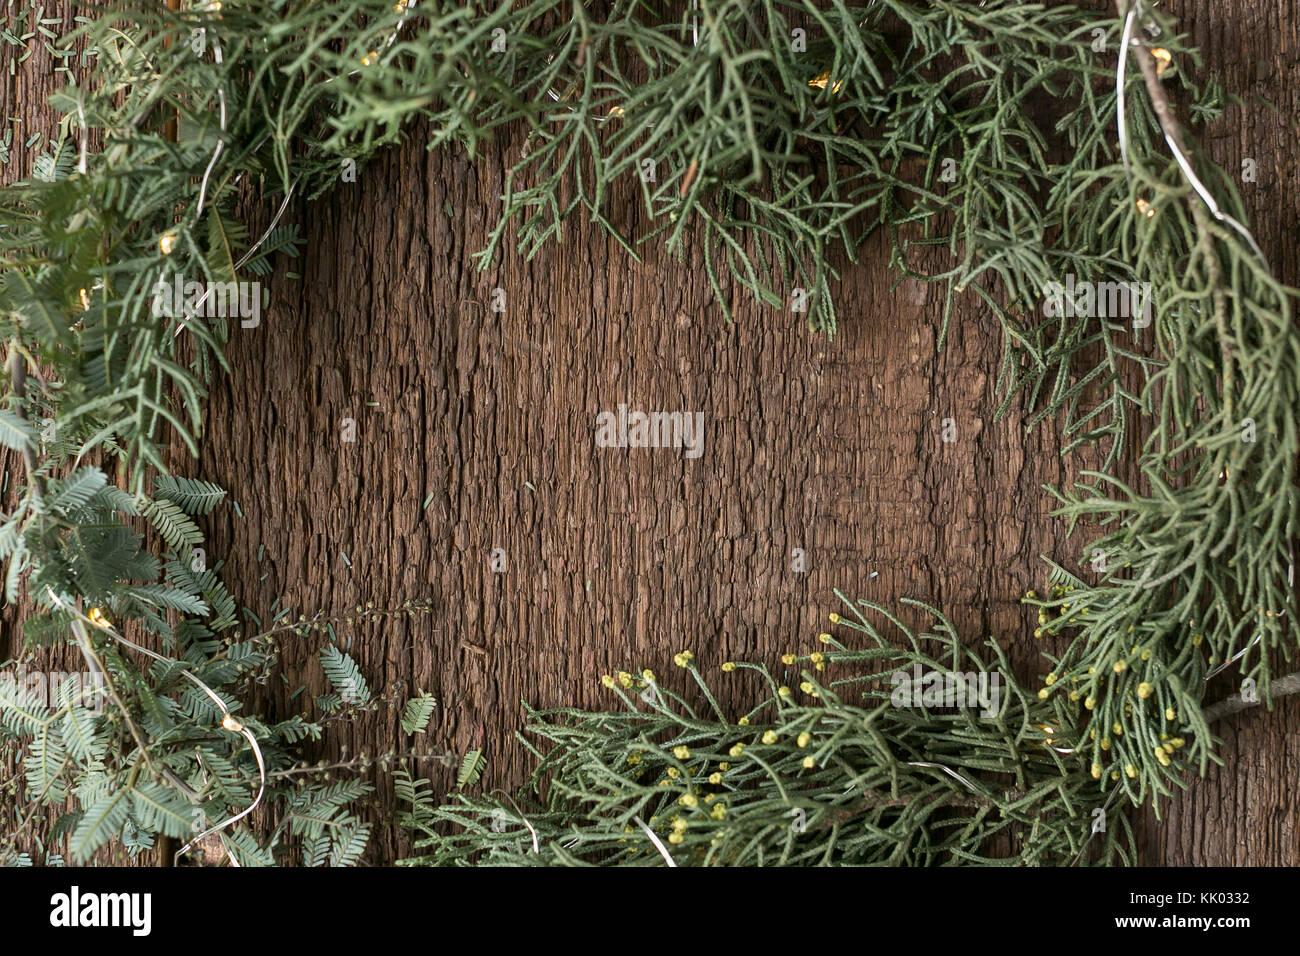 La plantación, la naturaleza, la creciente concepto. No hay espacio ...